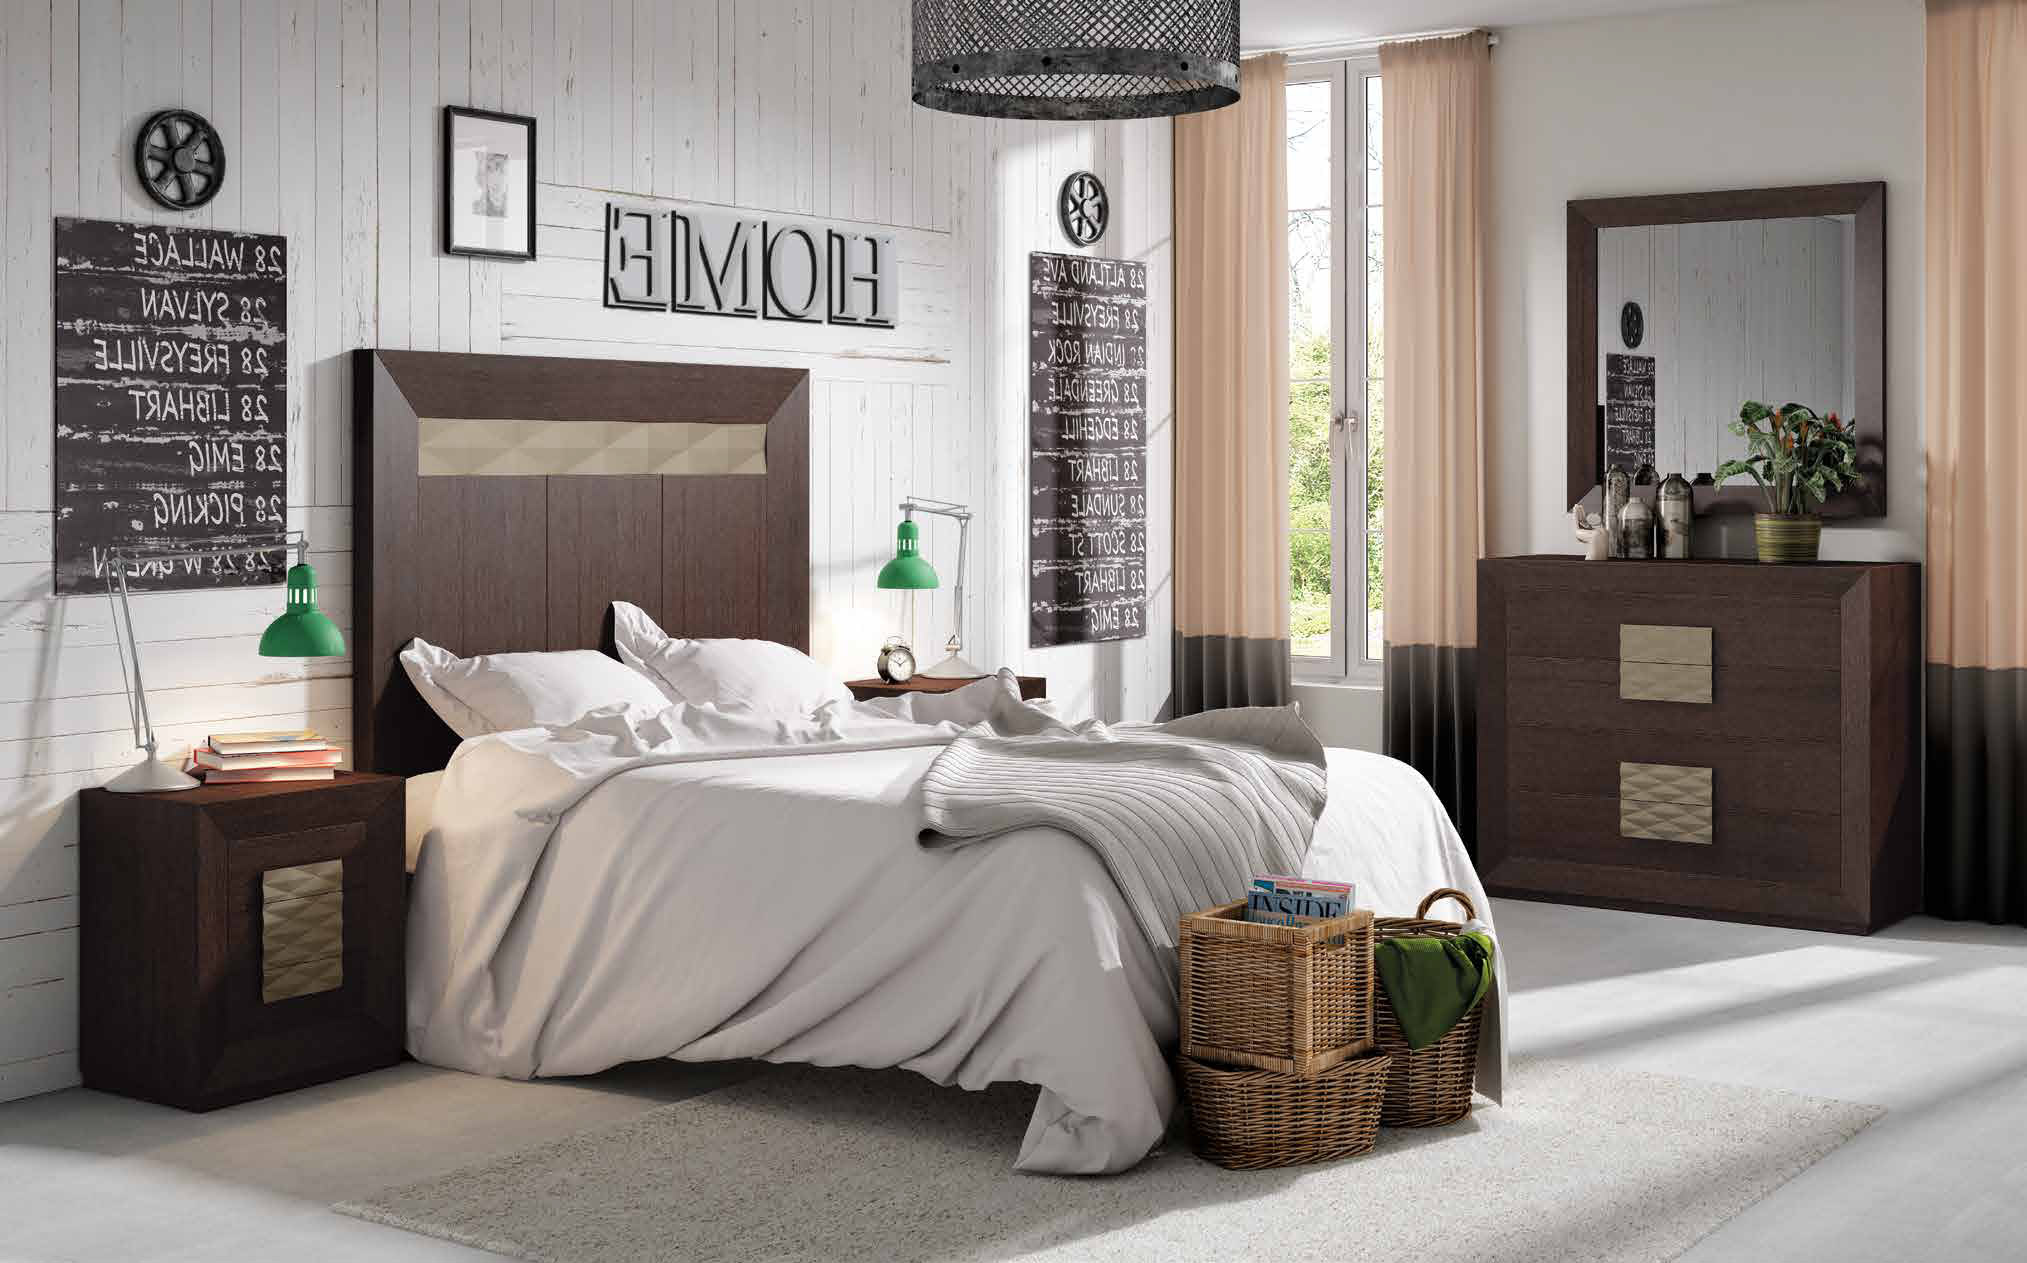 Dormitorio matrimonio con un elegante contraste de propuestas, personalízalo con el color que quieras.